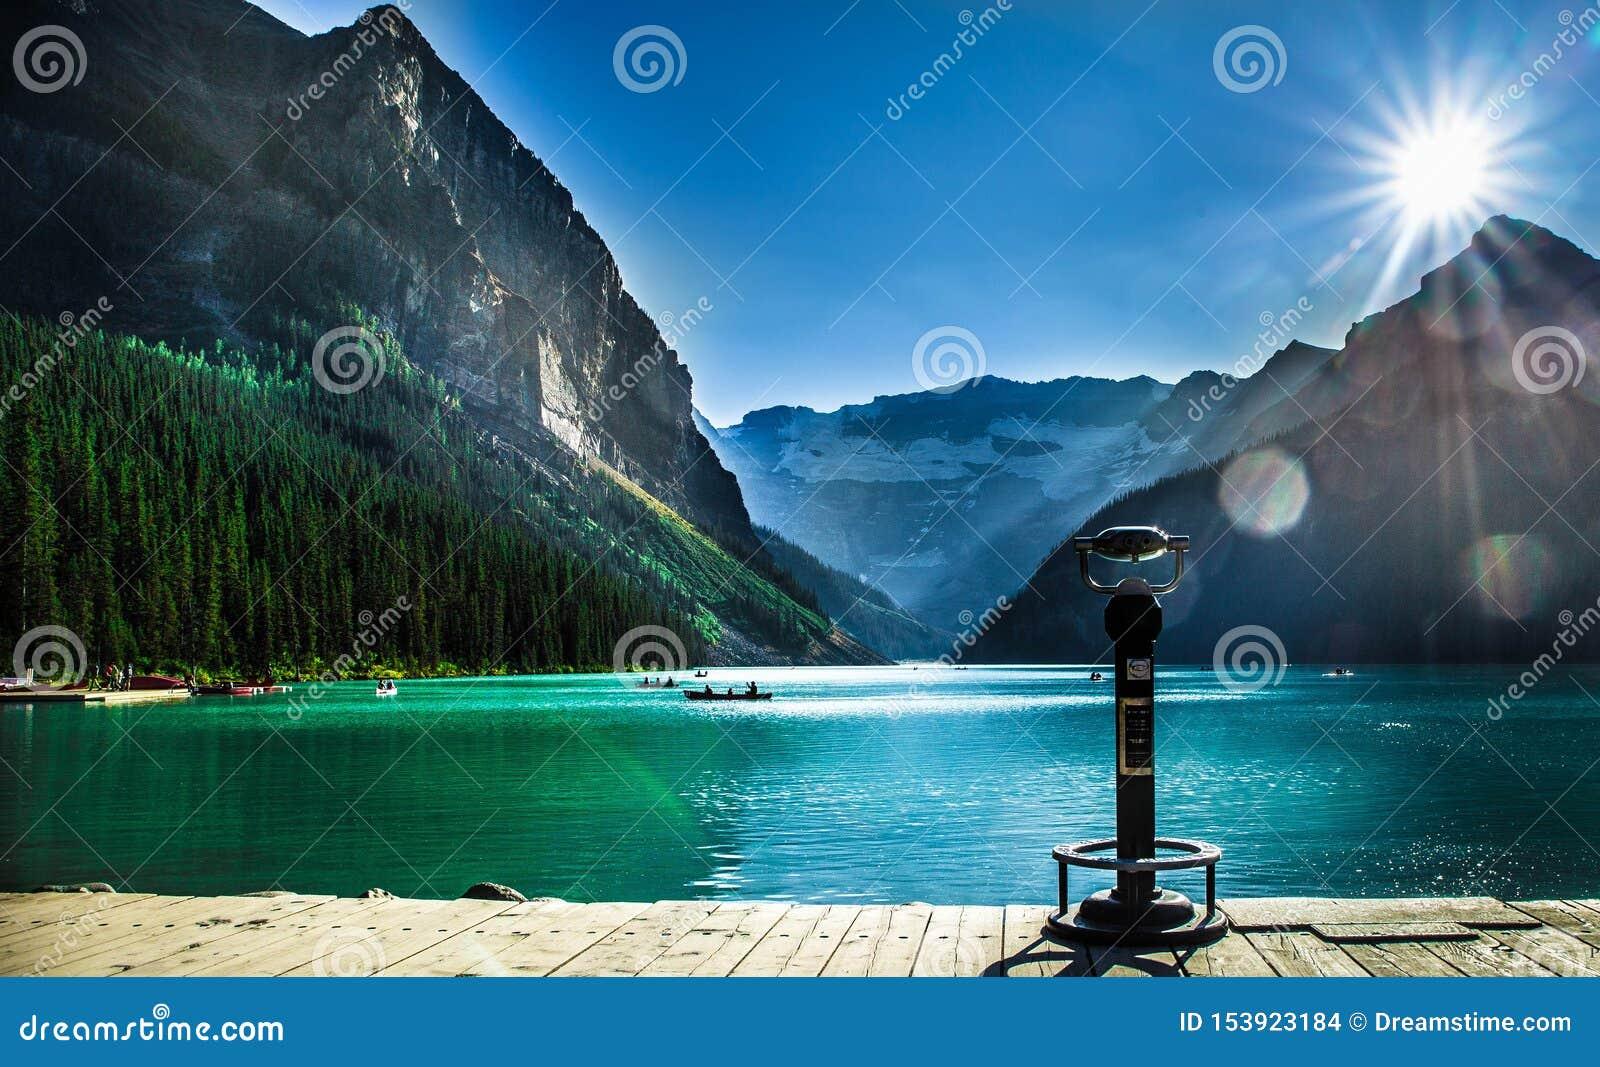 路易丝湖美丽的景色